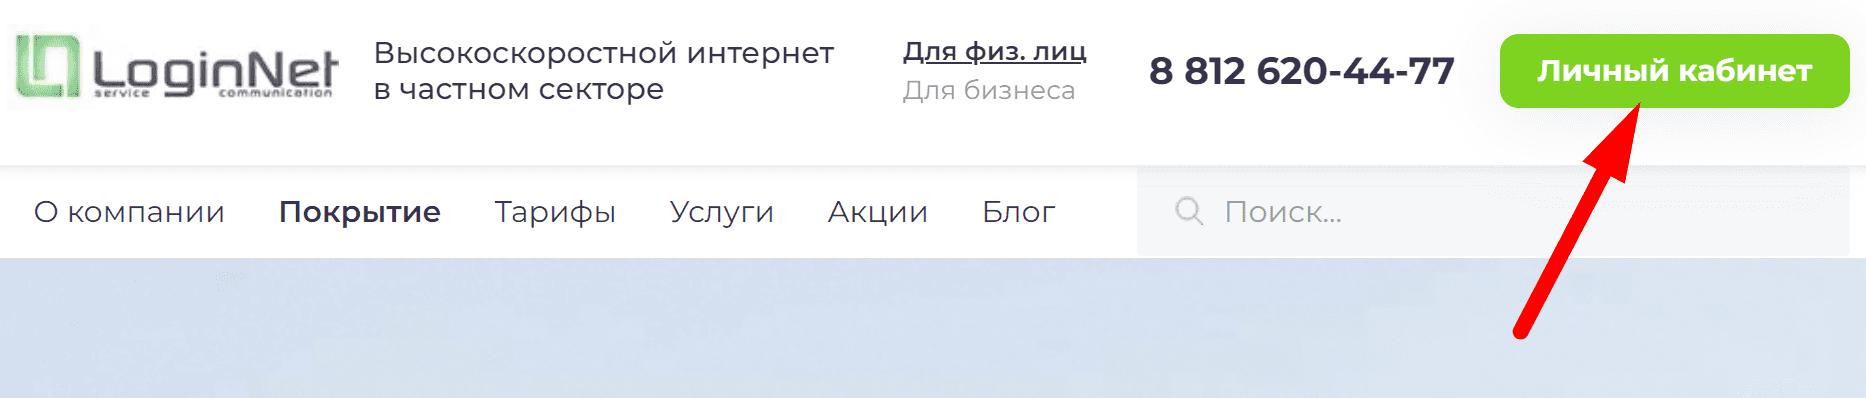 Сайт интернет провайдера «ЛогинНет»